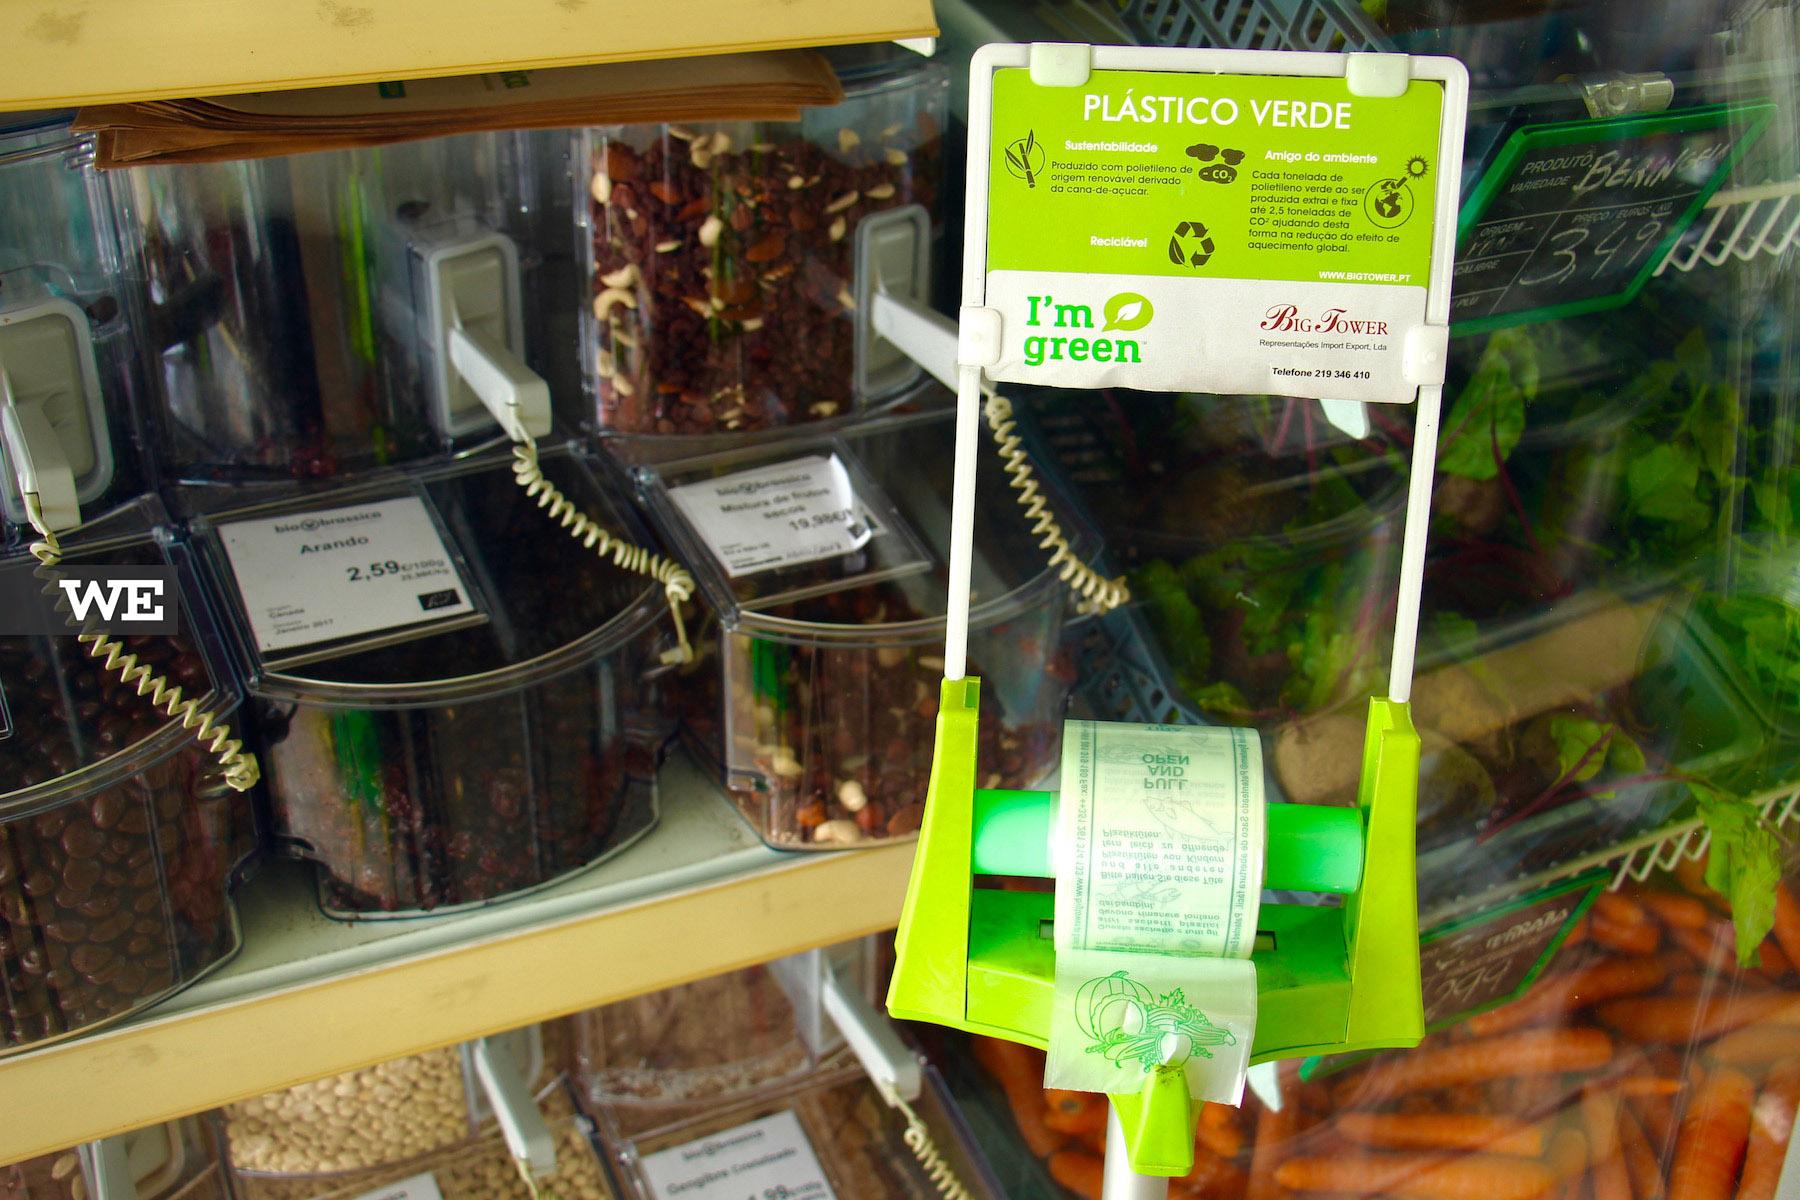 Biobrassica - Loja de produtos biológicos